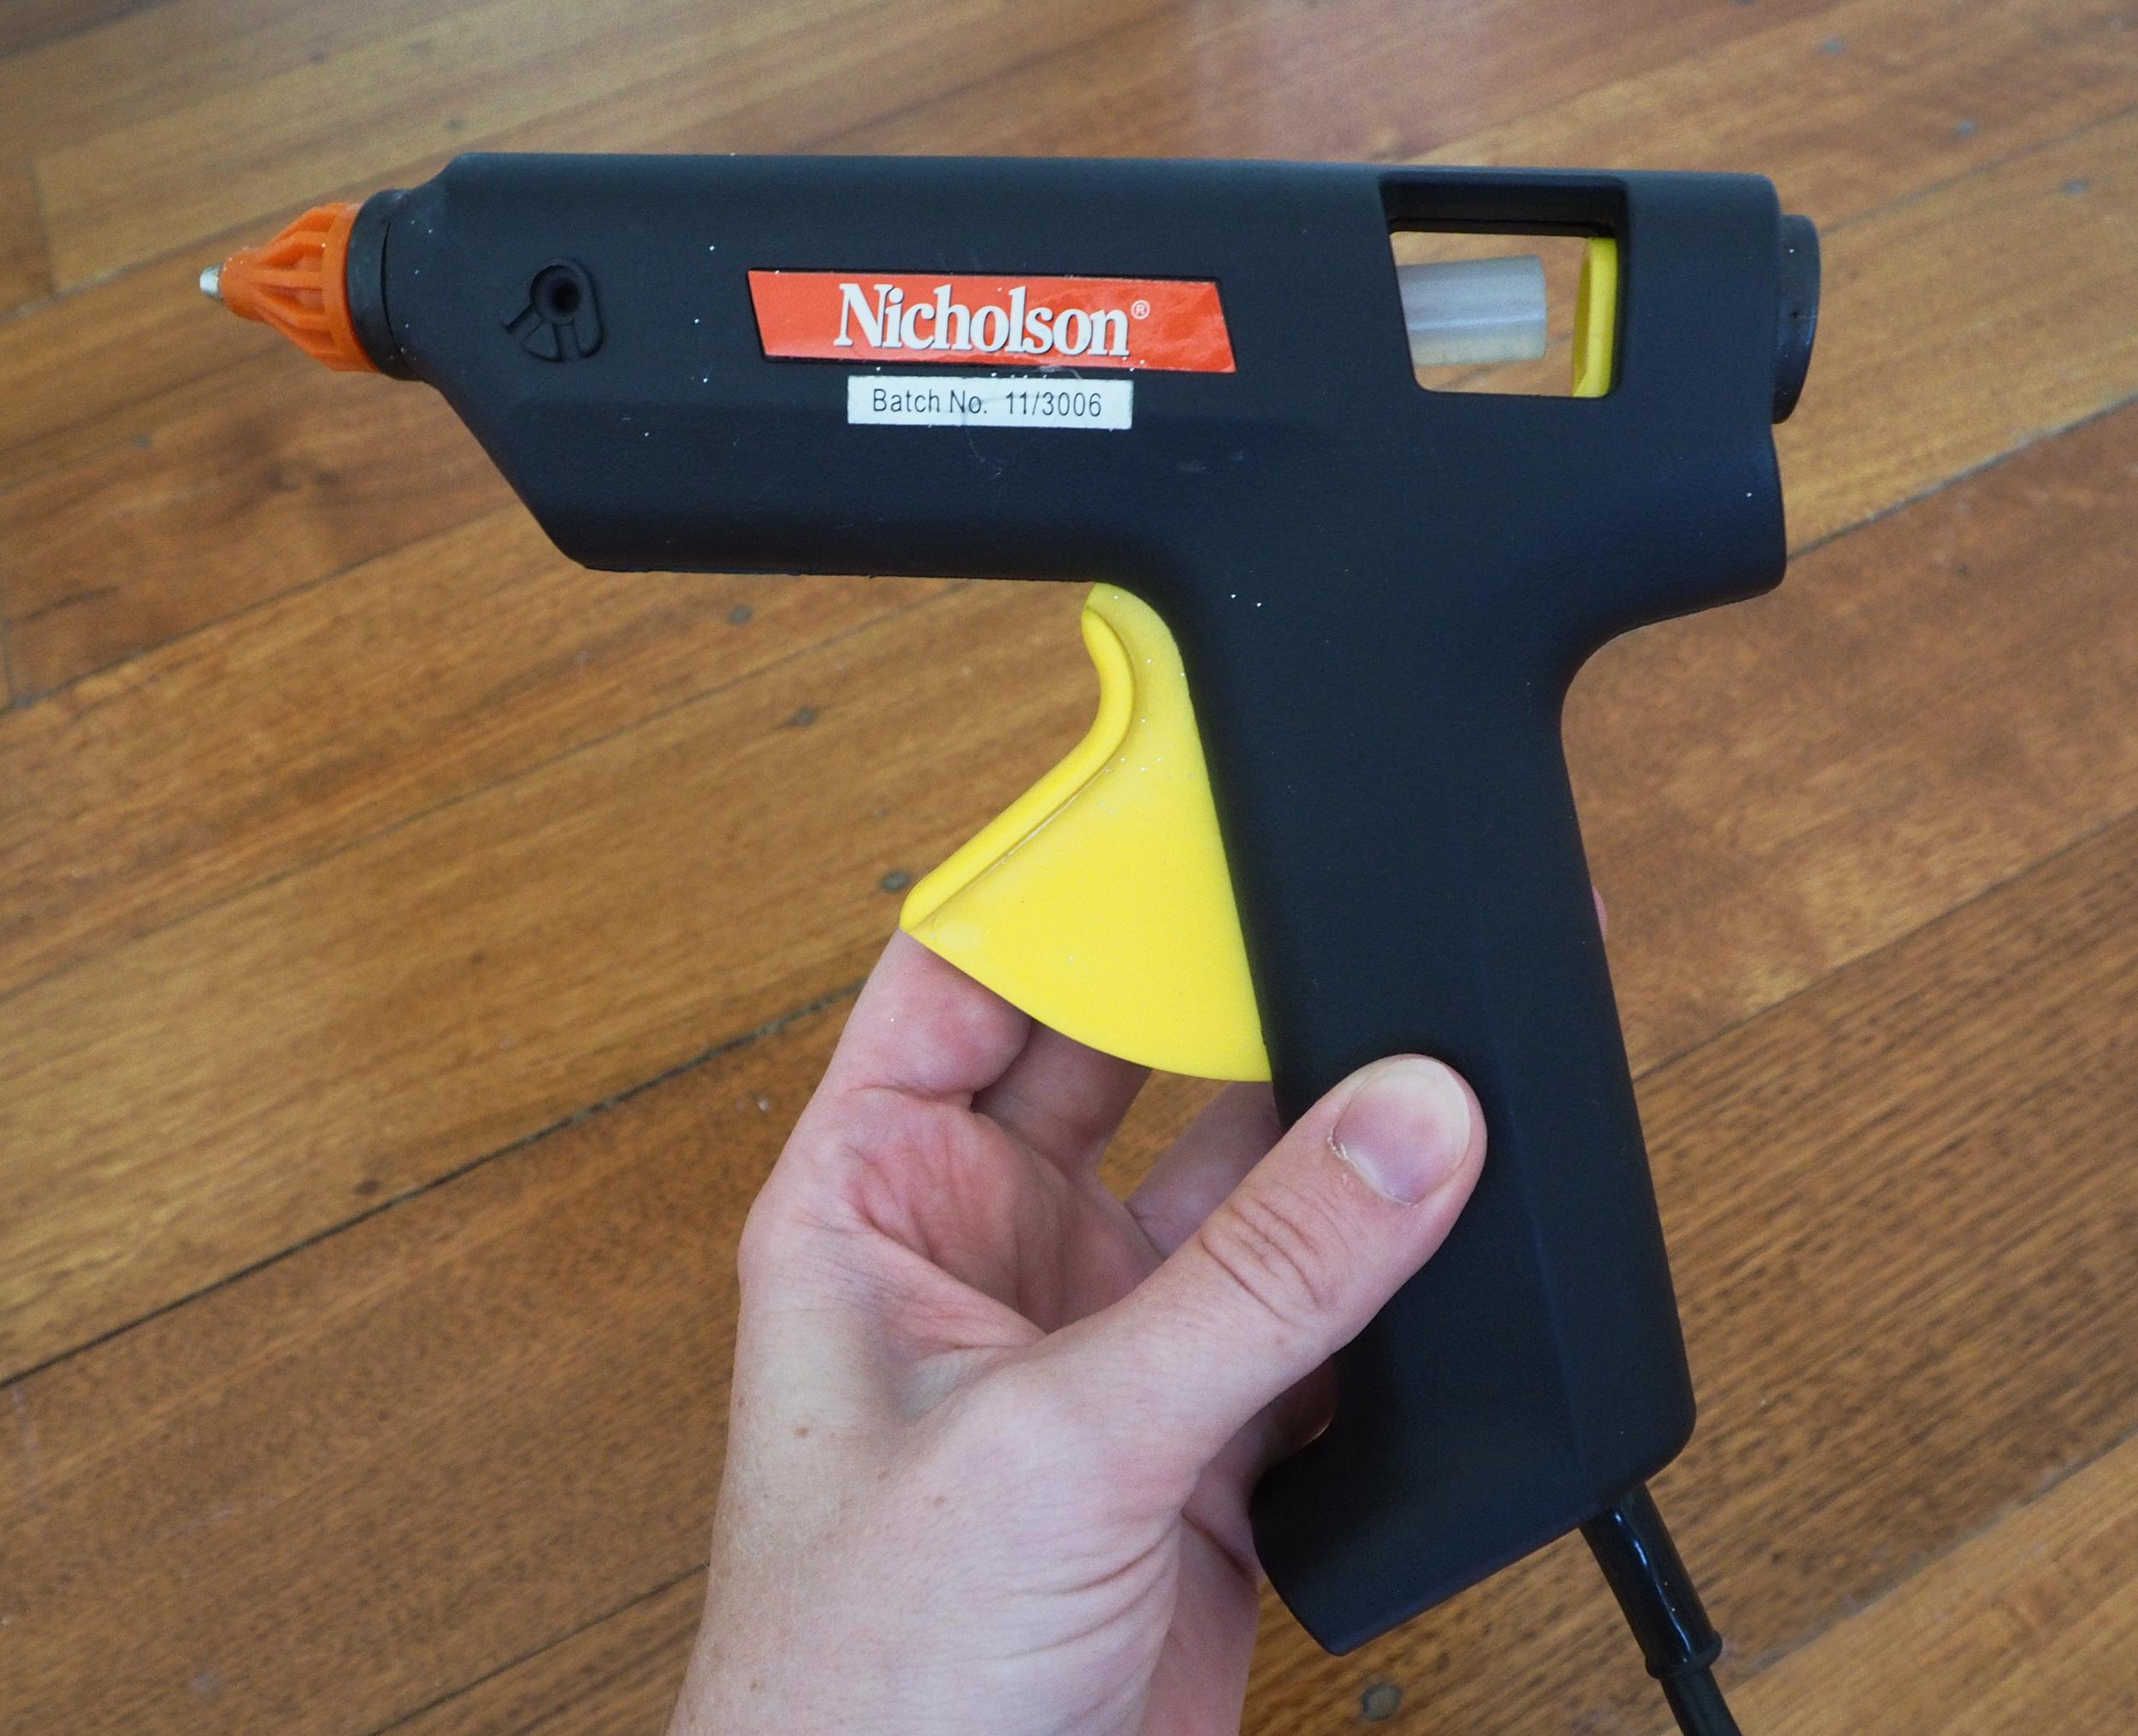 Glue gun for attaching pegs